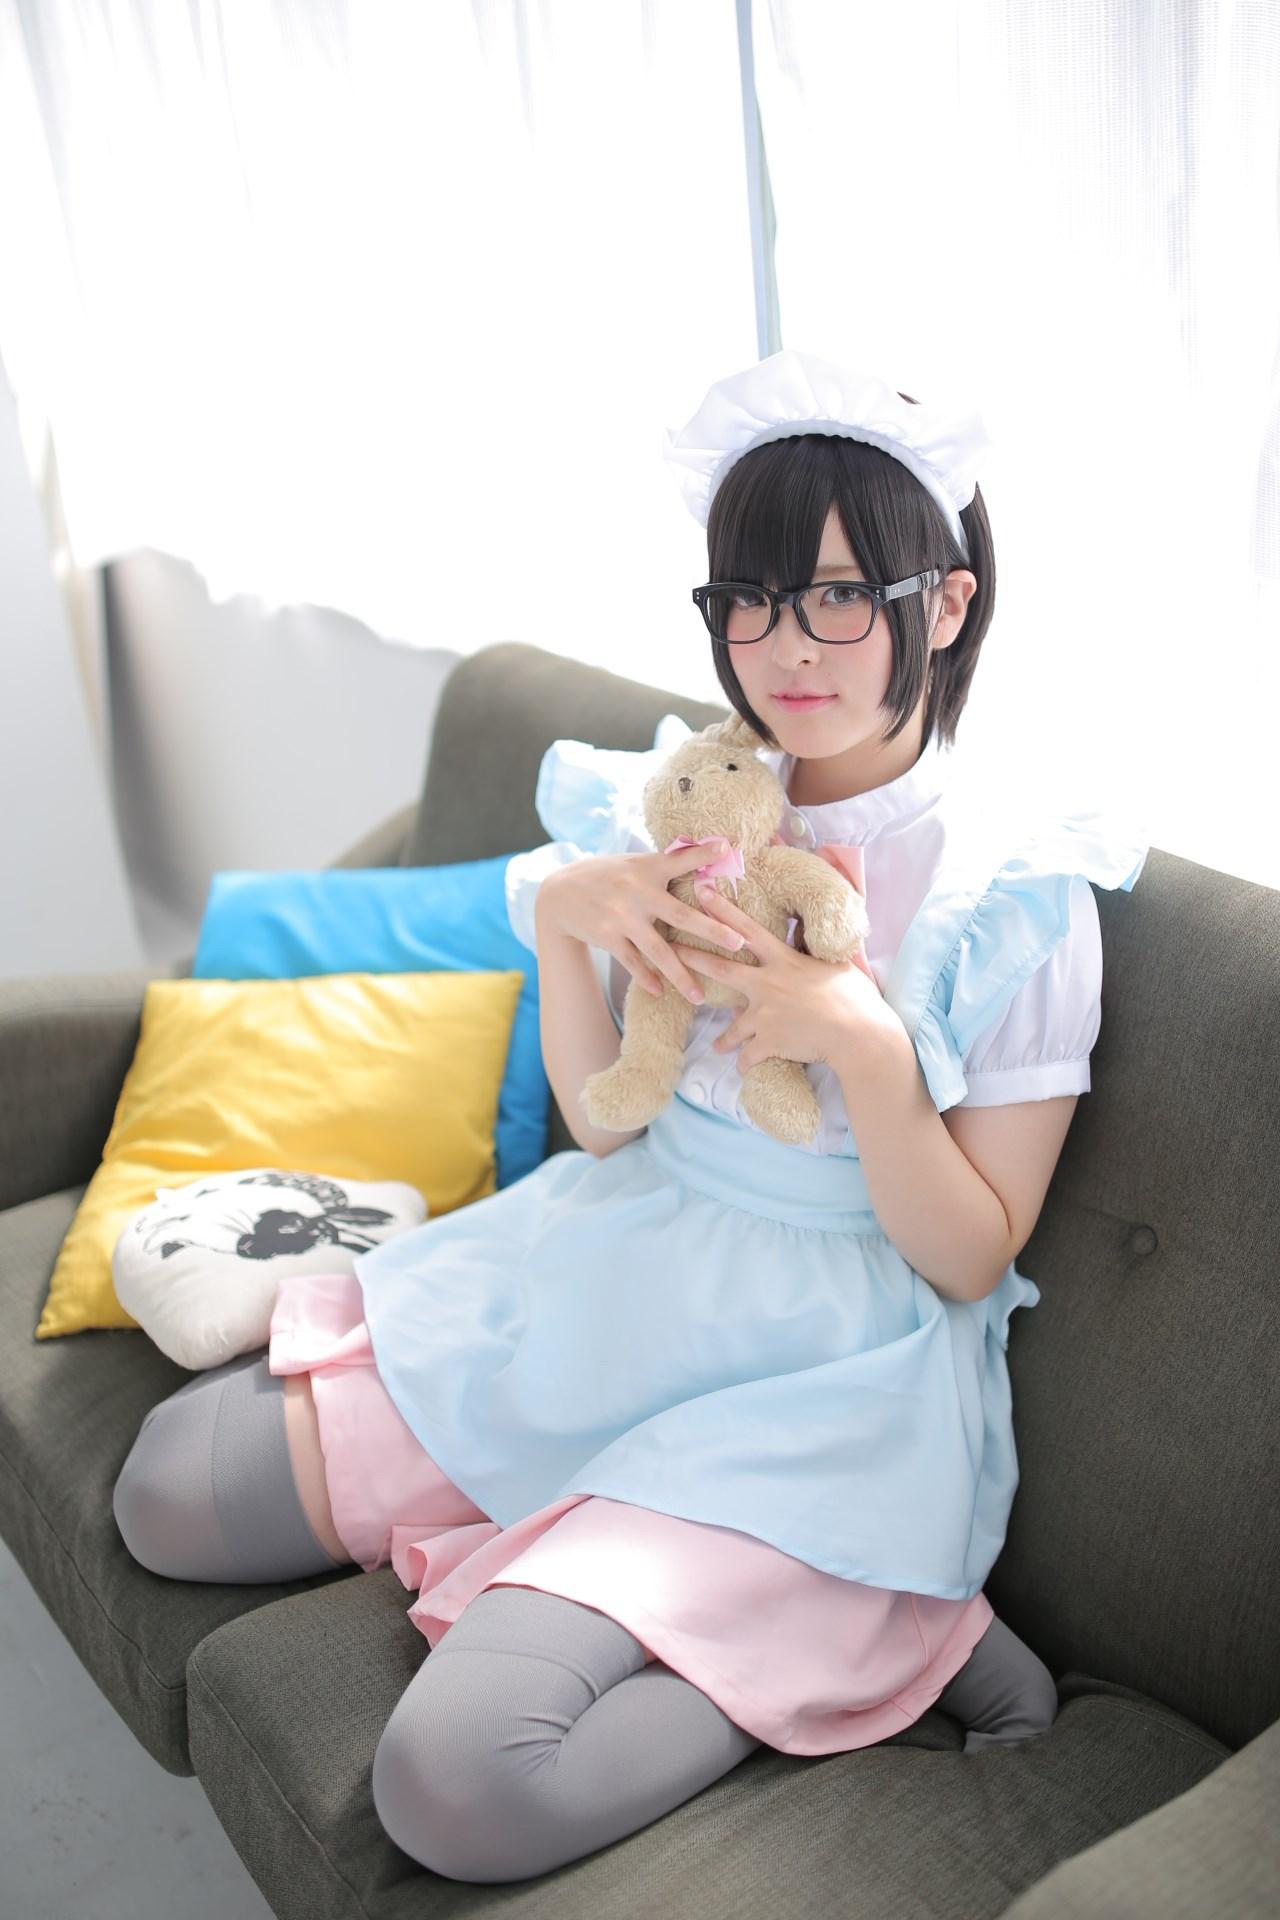 【兔玩映画】眼镜女仆 兔玩映画 第91张